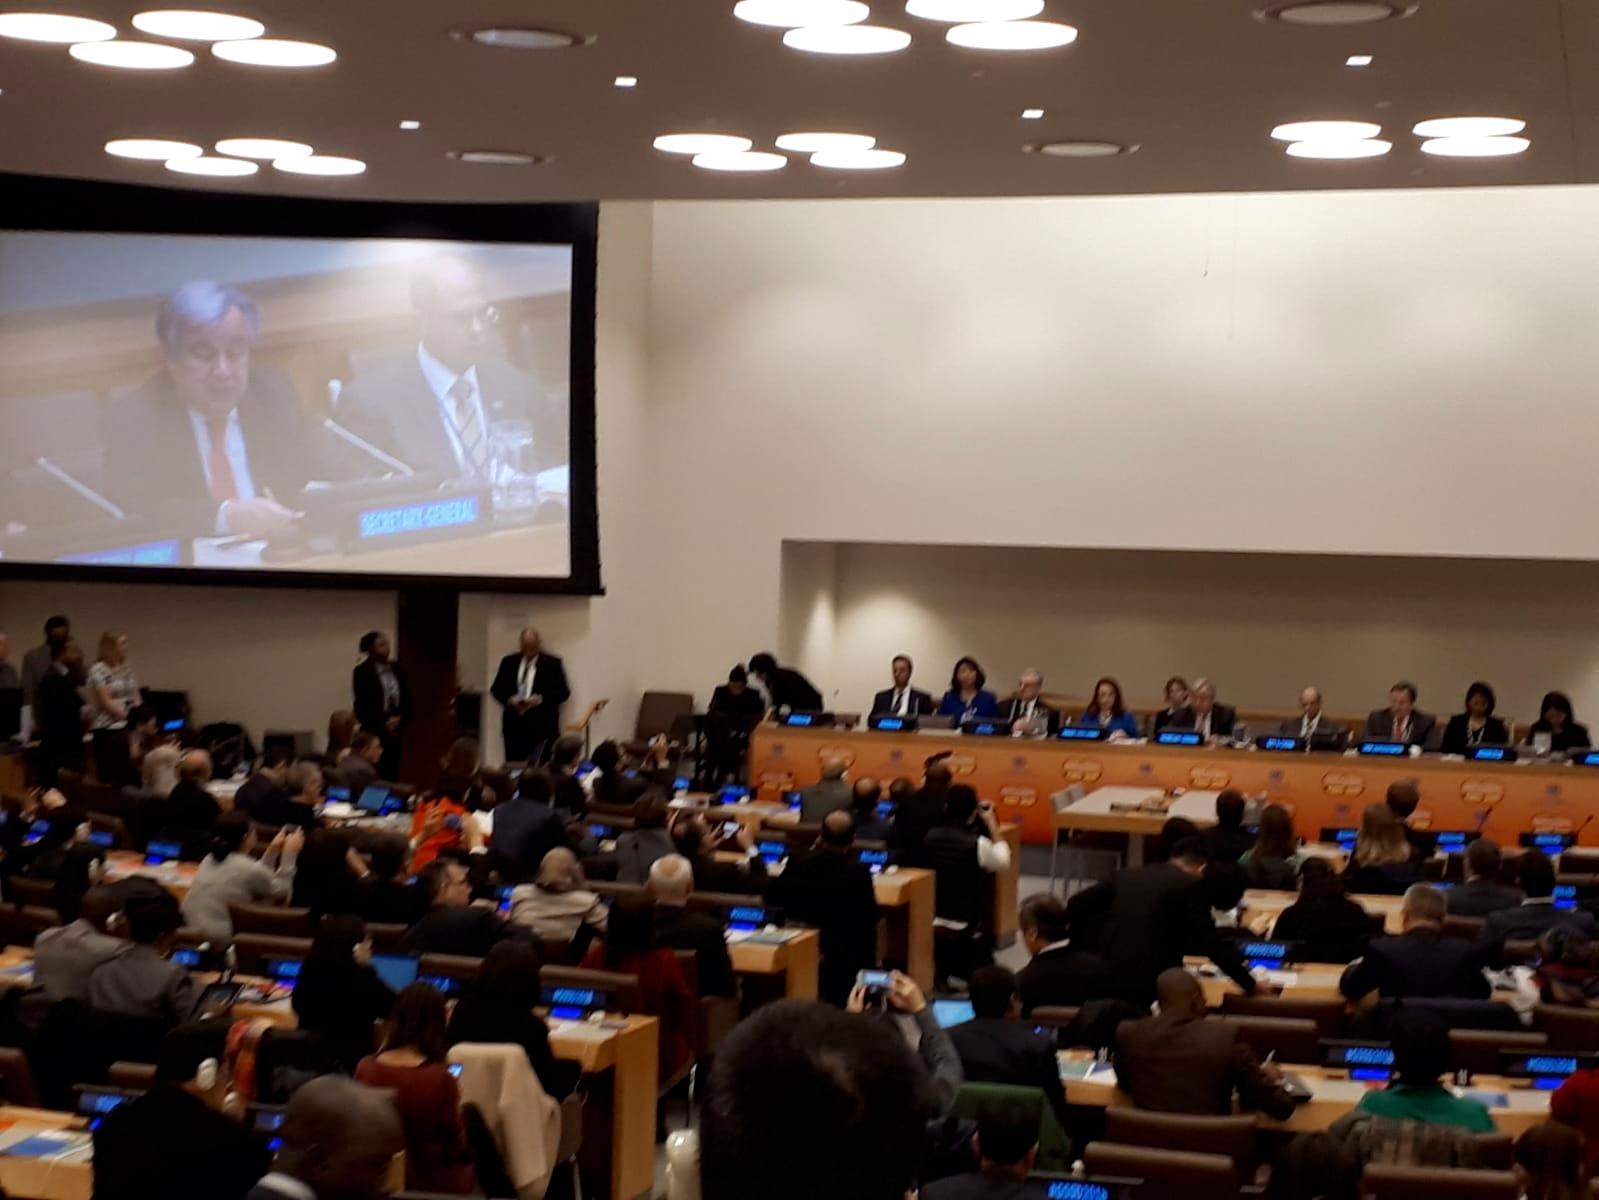 Sesión de apertura de la GSSD2018 con la intervención del Secretario General  de Naciones Unidas, Antonio Guterres.